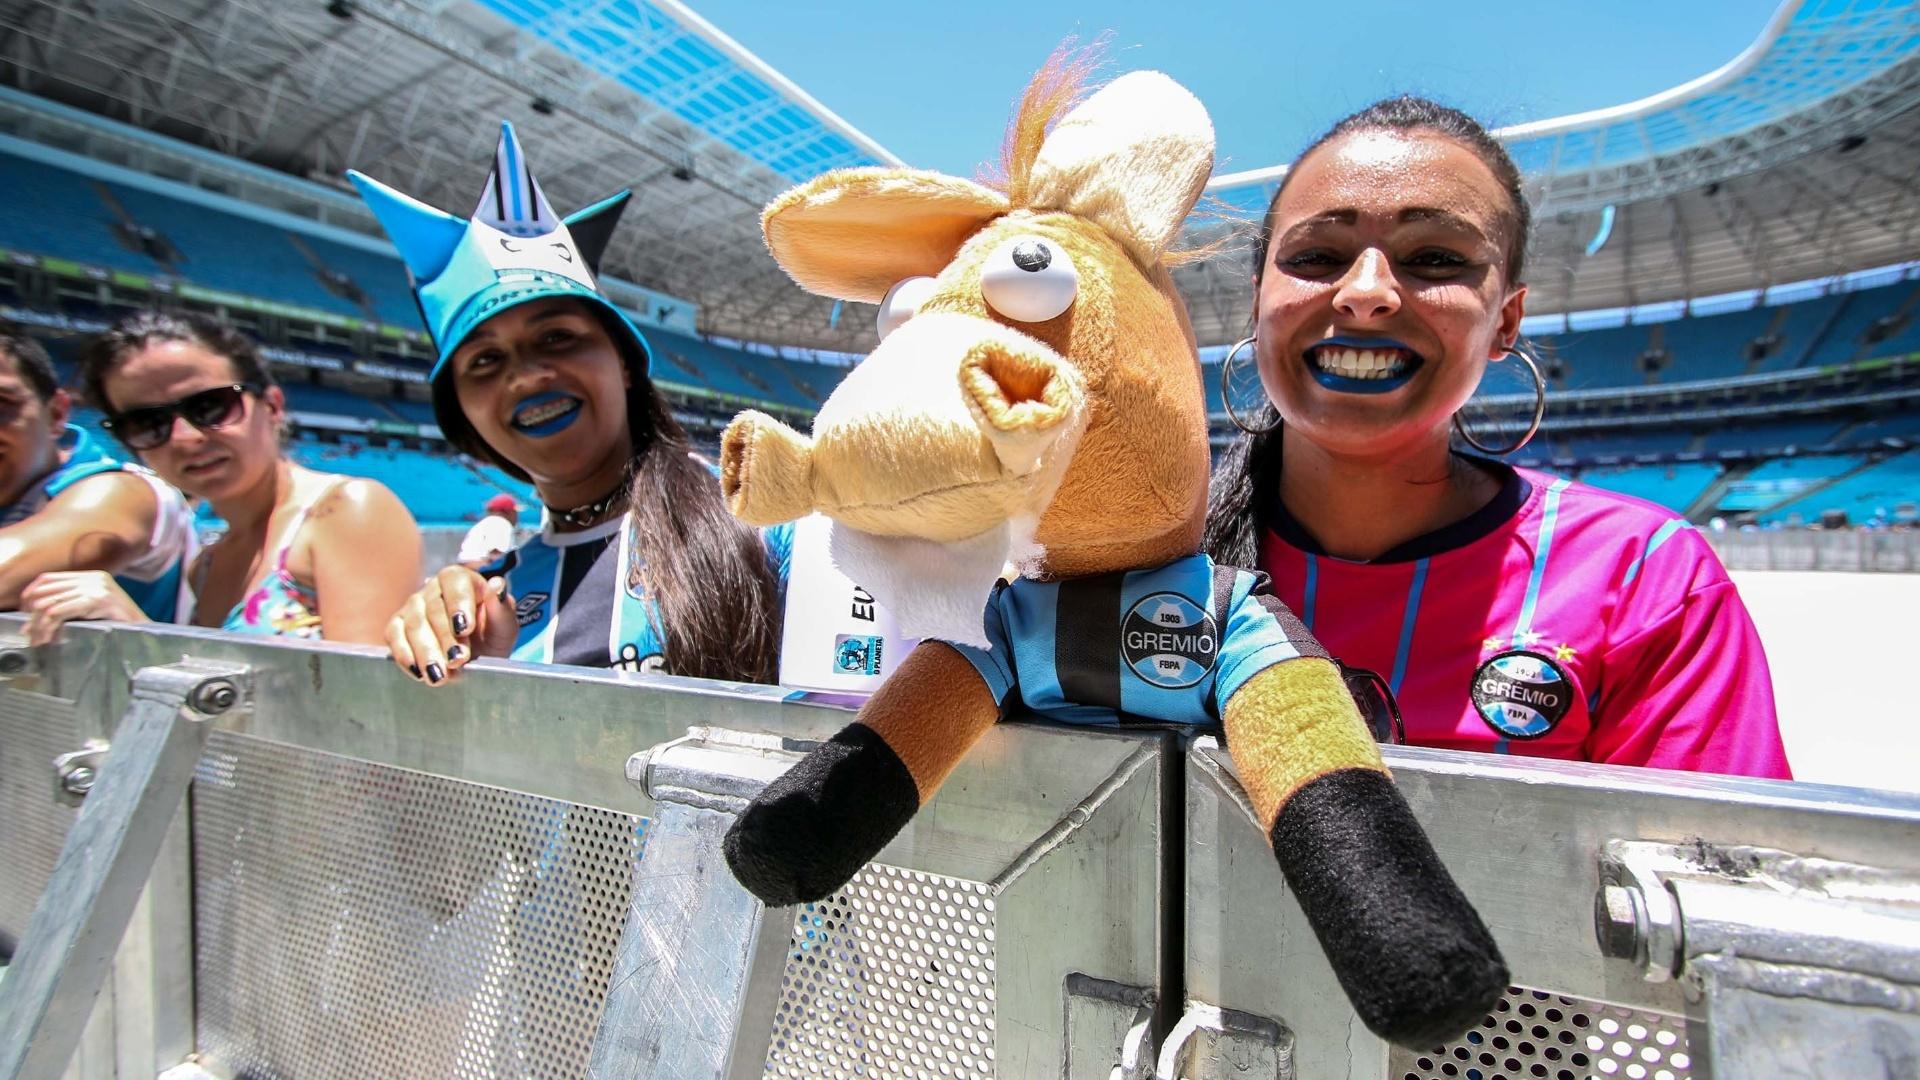 Torcedora exibe o cavalinho do Grêmio na Arena em Porto Alegre